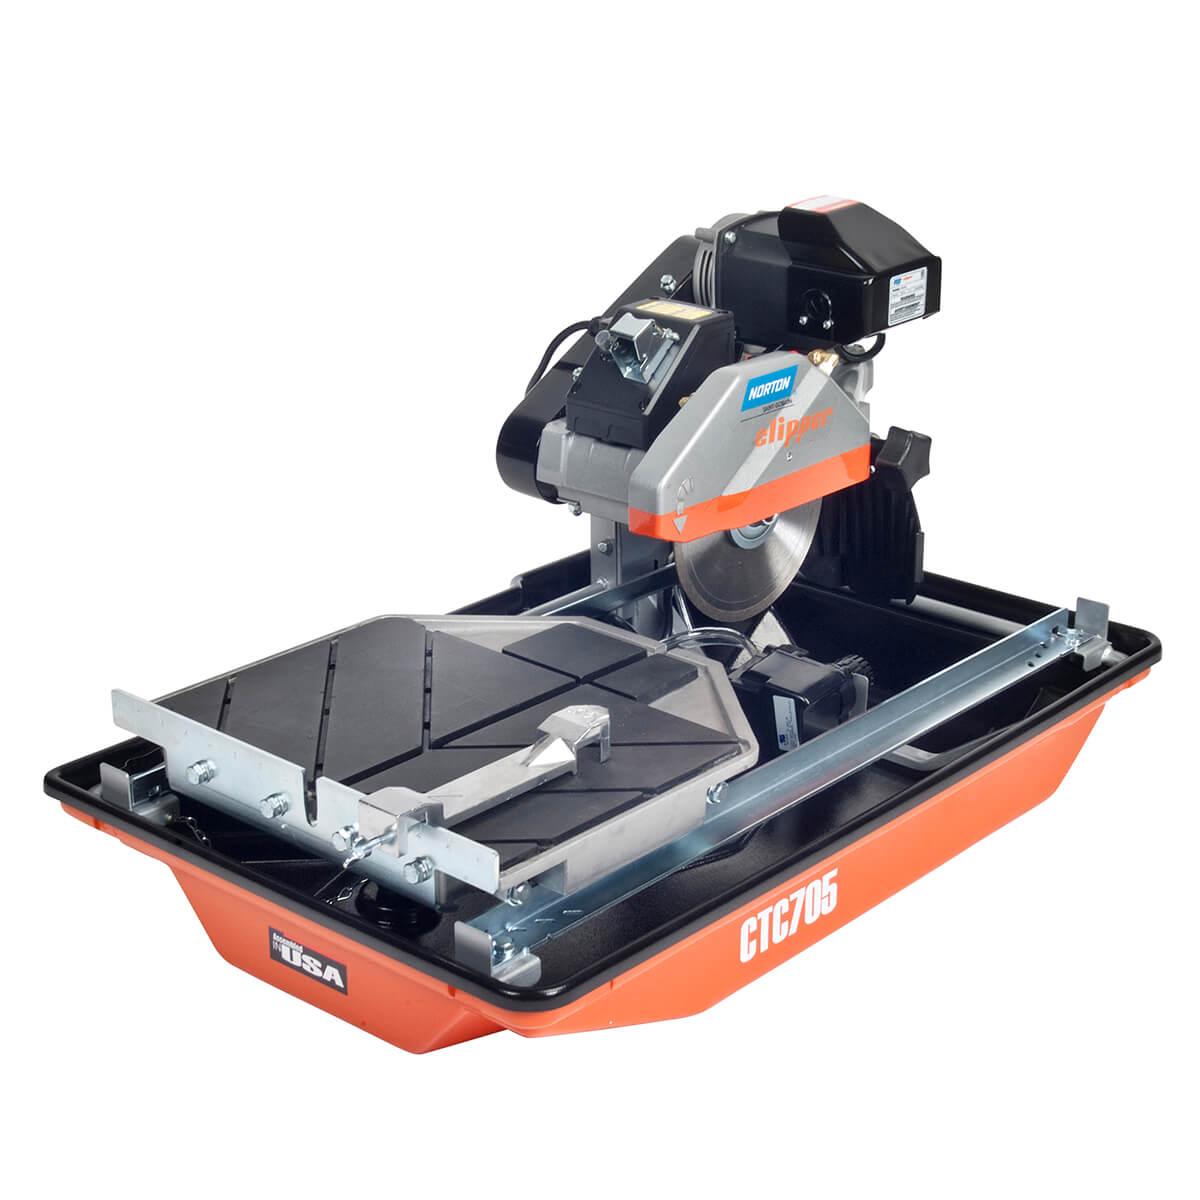 ctc705 norton clipper 7 inch tile saw